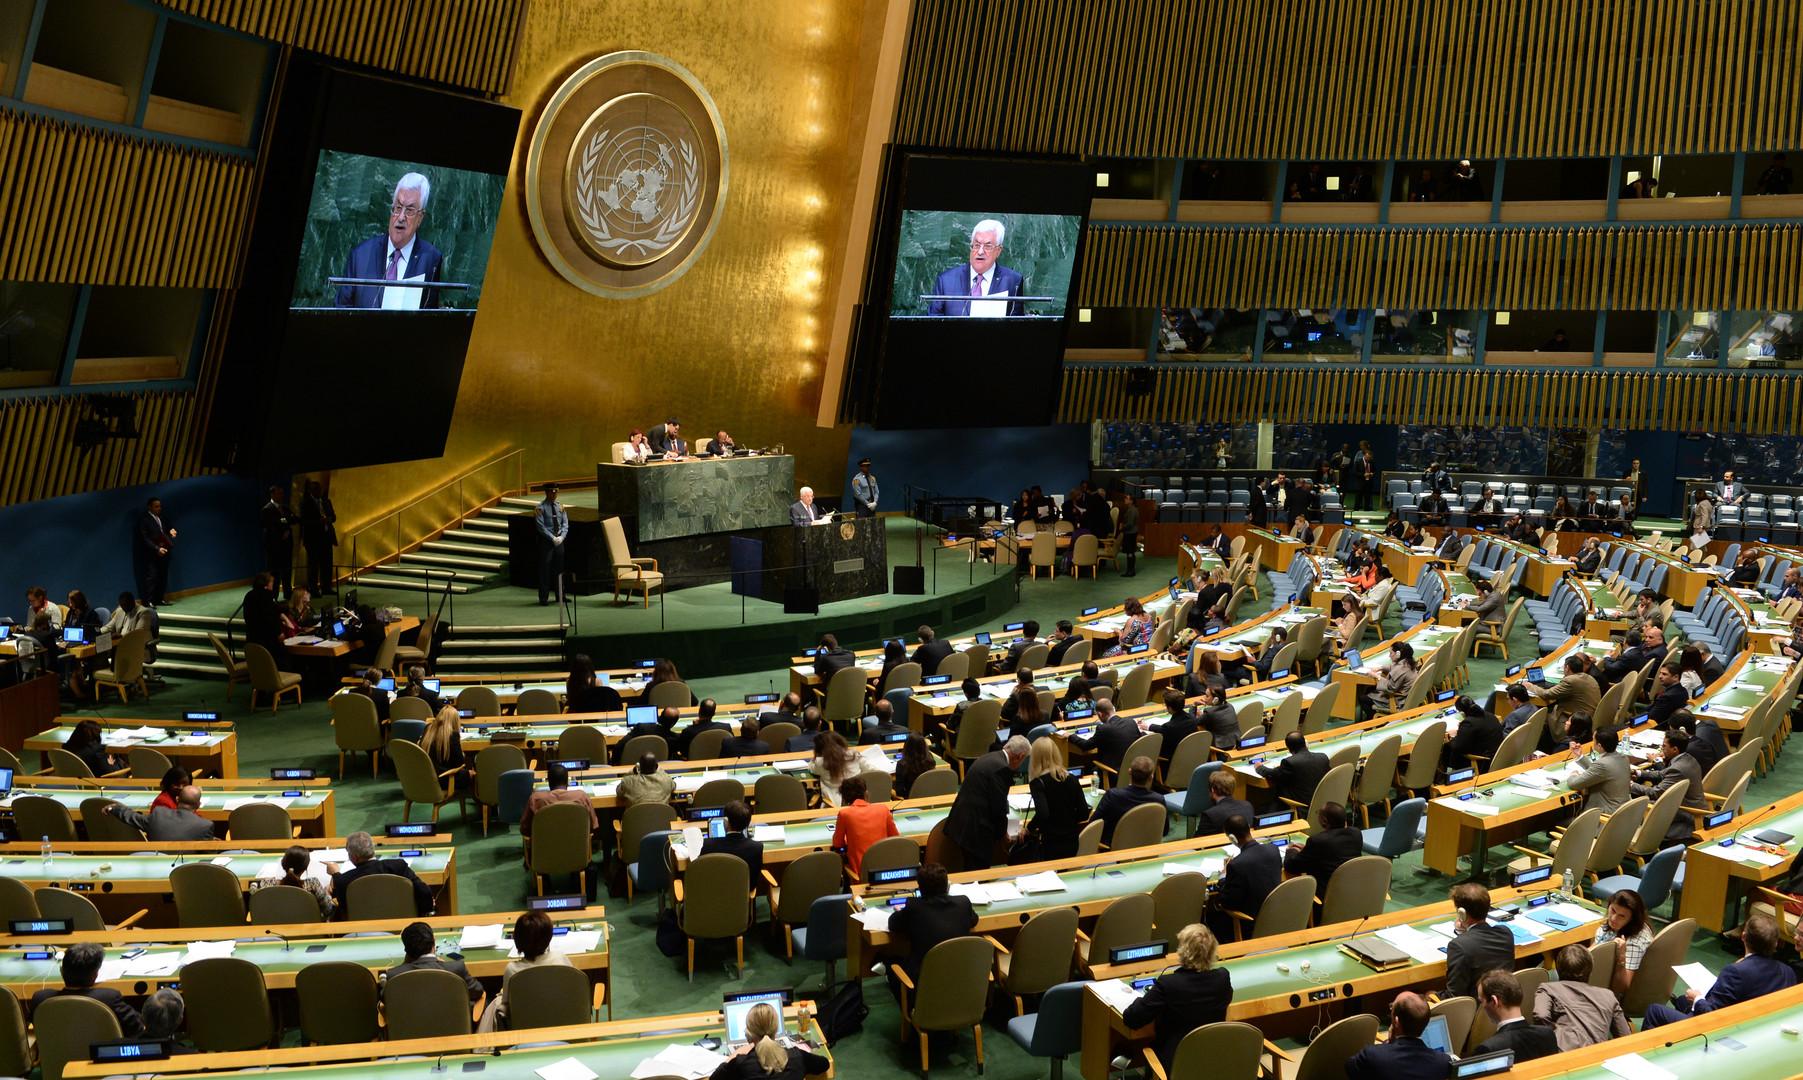 العرب يؤيدون التوجه مجددا إلى مجلس الأمن لإنهاء الاحتلال الإسرائيلي